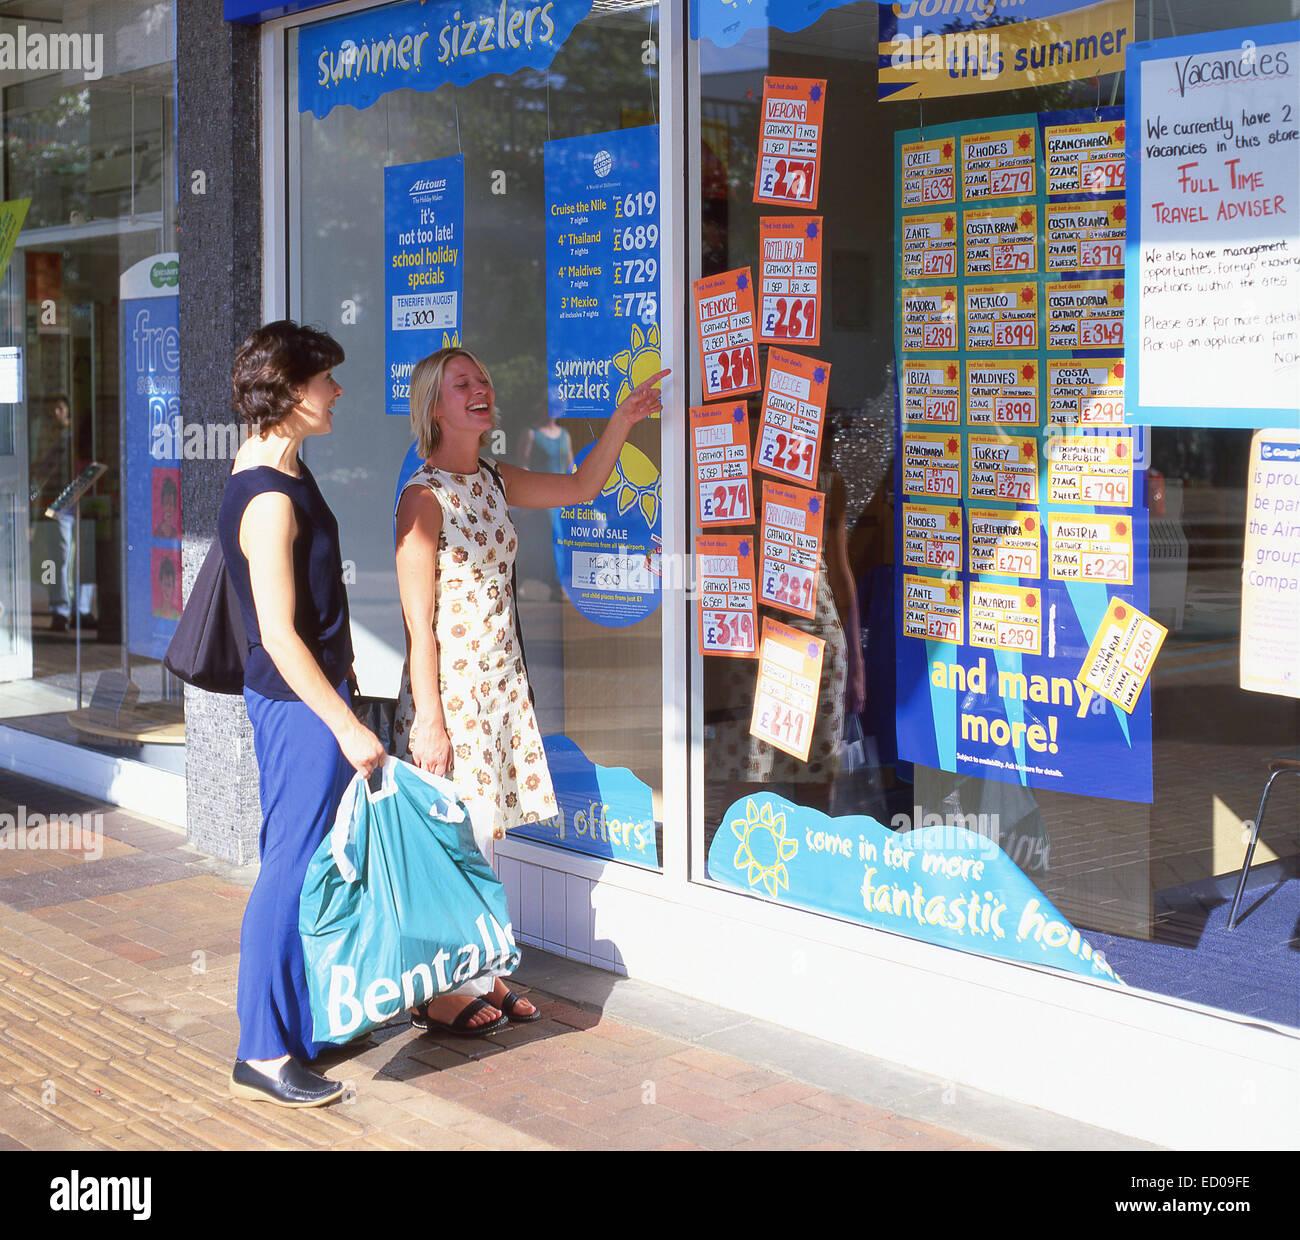 Junge Frauen betrachten Reisebüros Fenster, Bracknell, Berkshire, England, Vereinigtes Königreich Stockbild